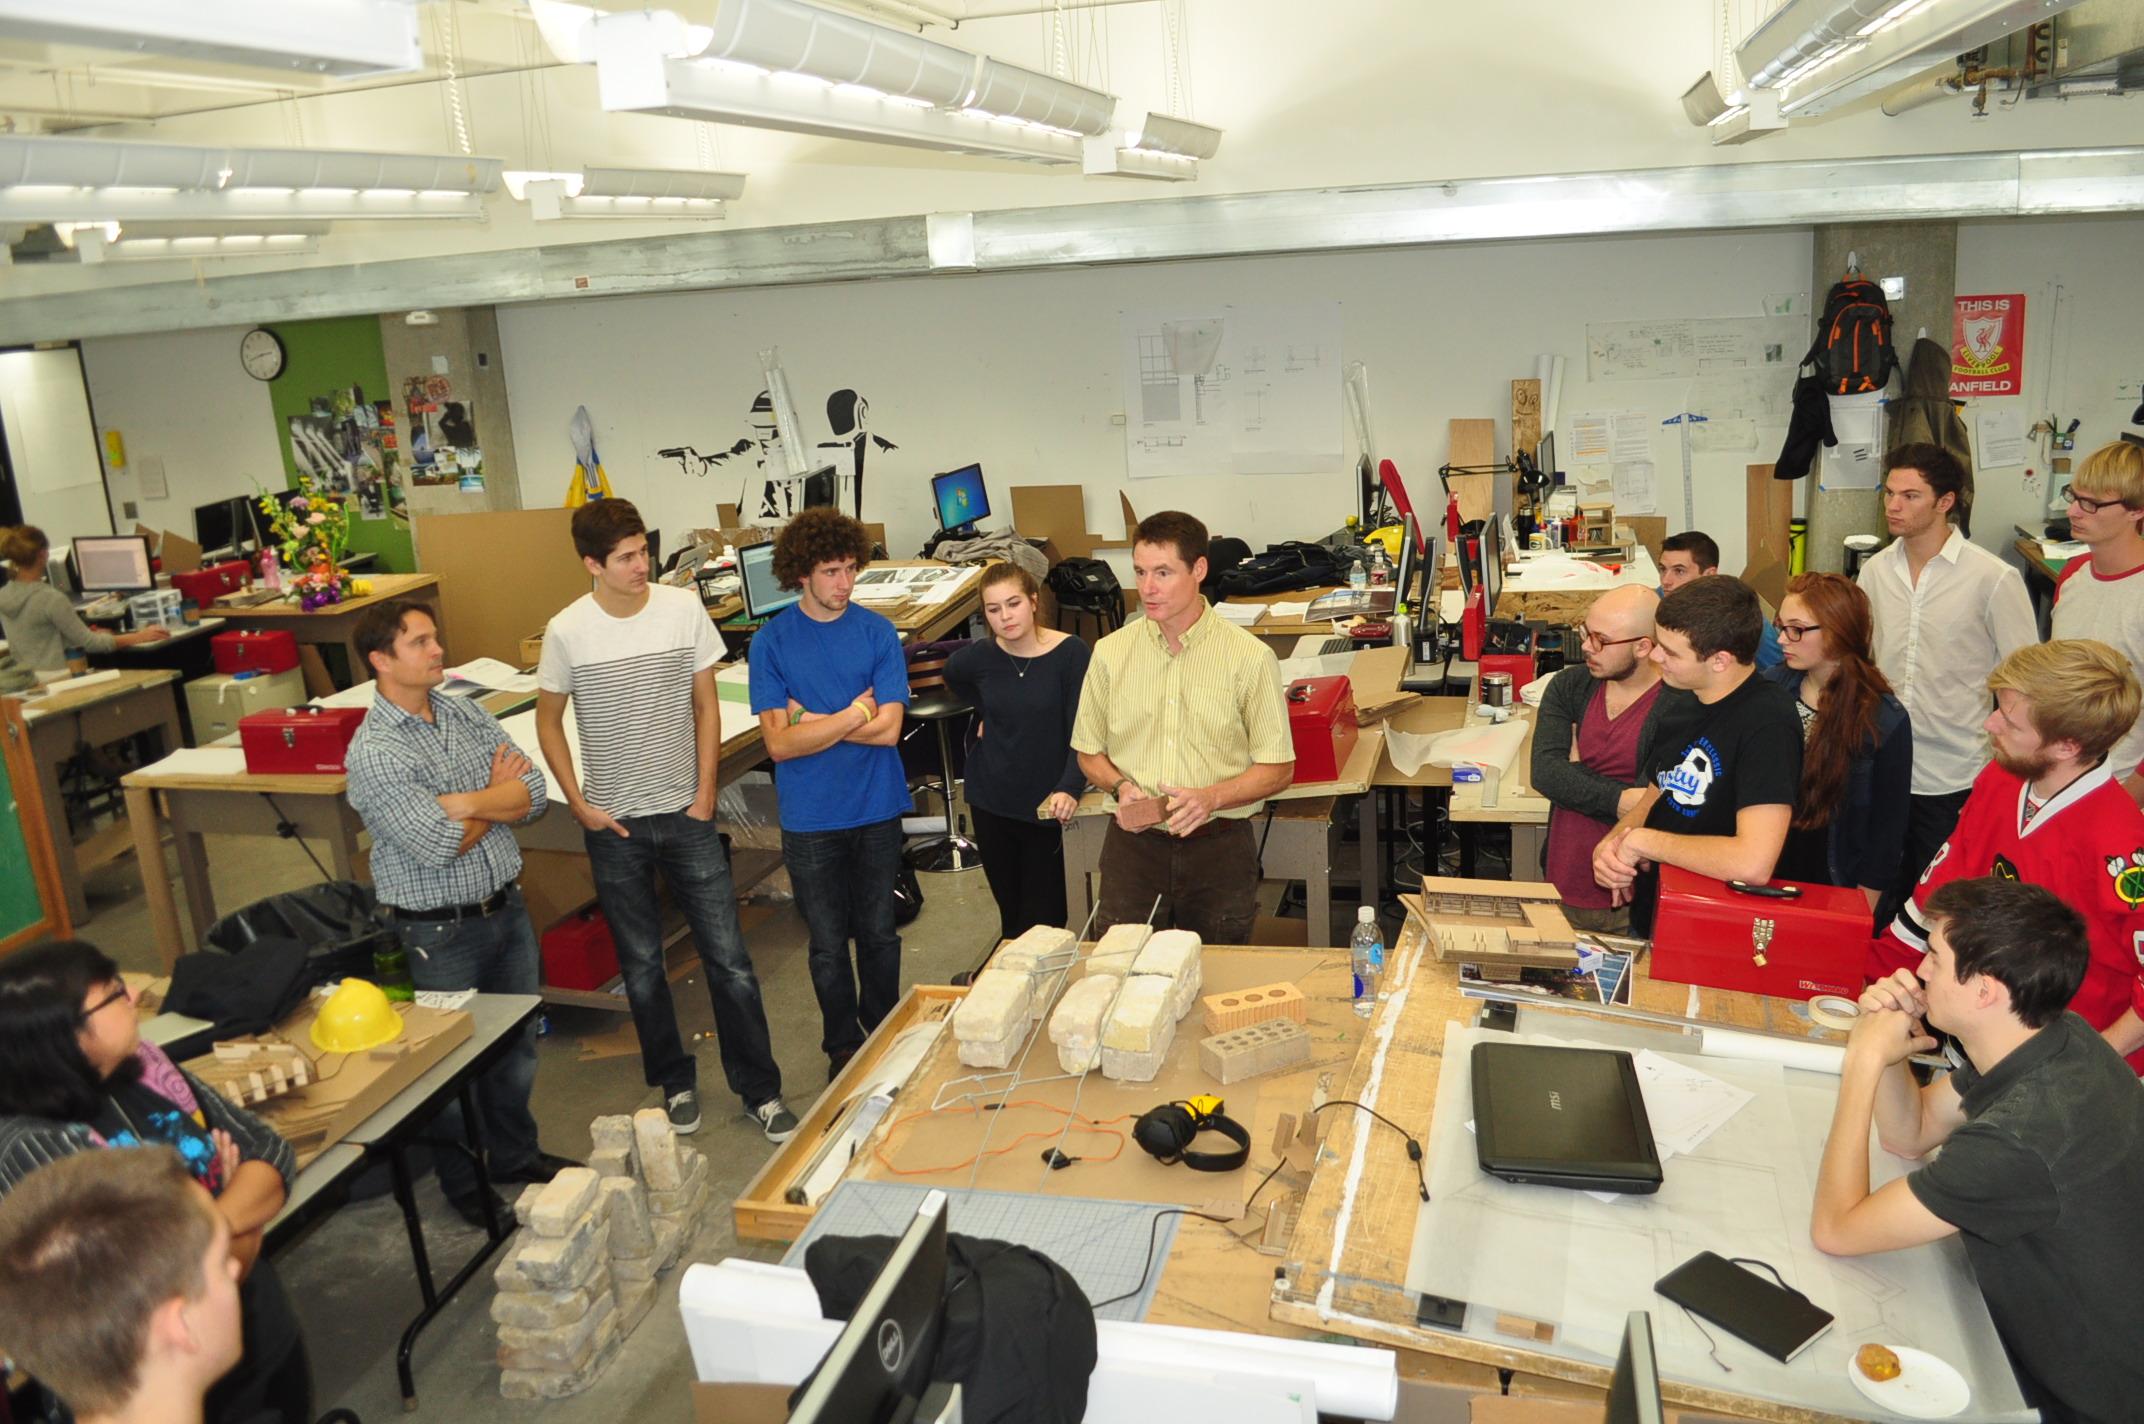 Pat_Conway_-_University_of_Wisconsin_-_Milwaukee_-_Masonry_Studio.jpg